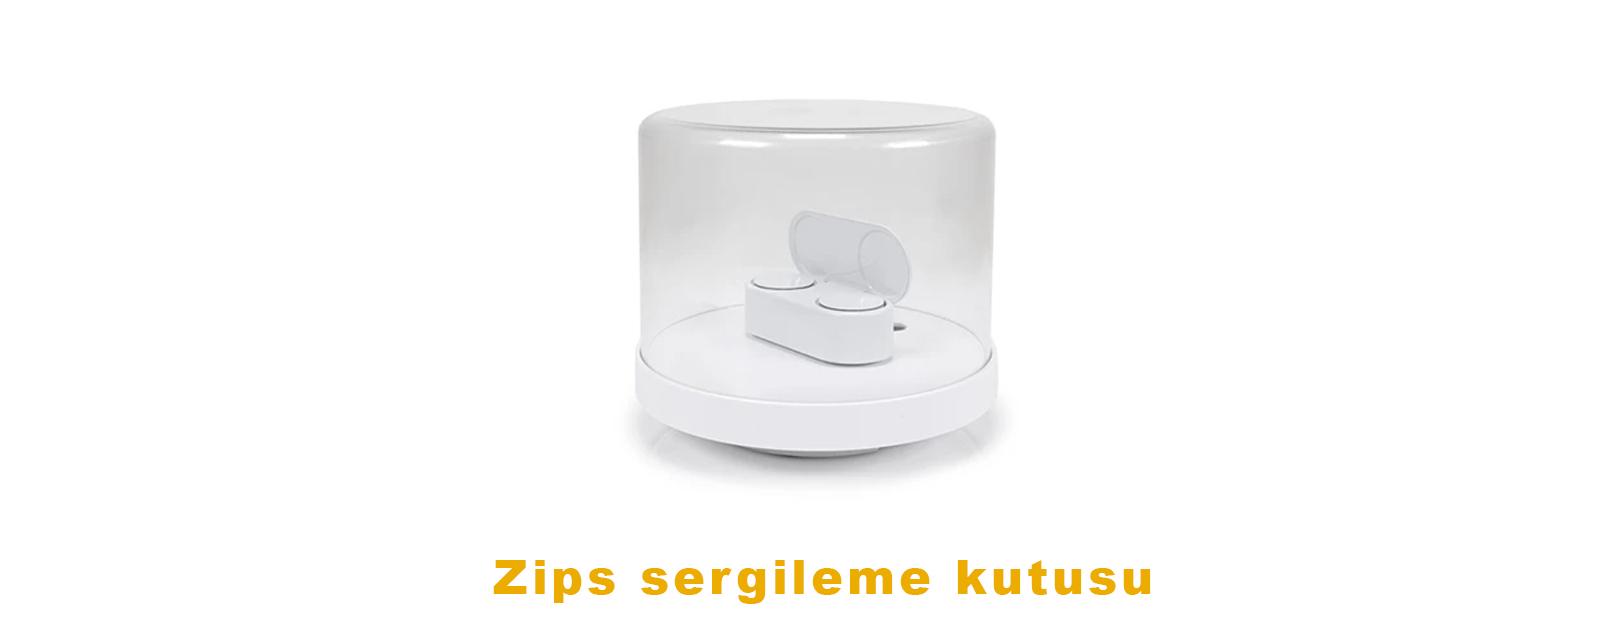 Zips-sergileme-kutusu